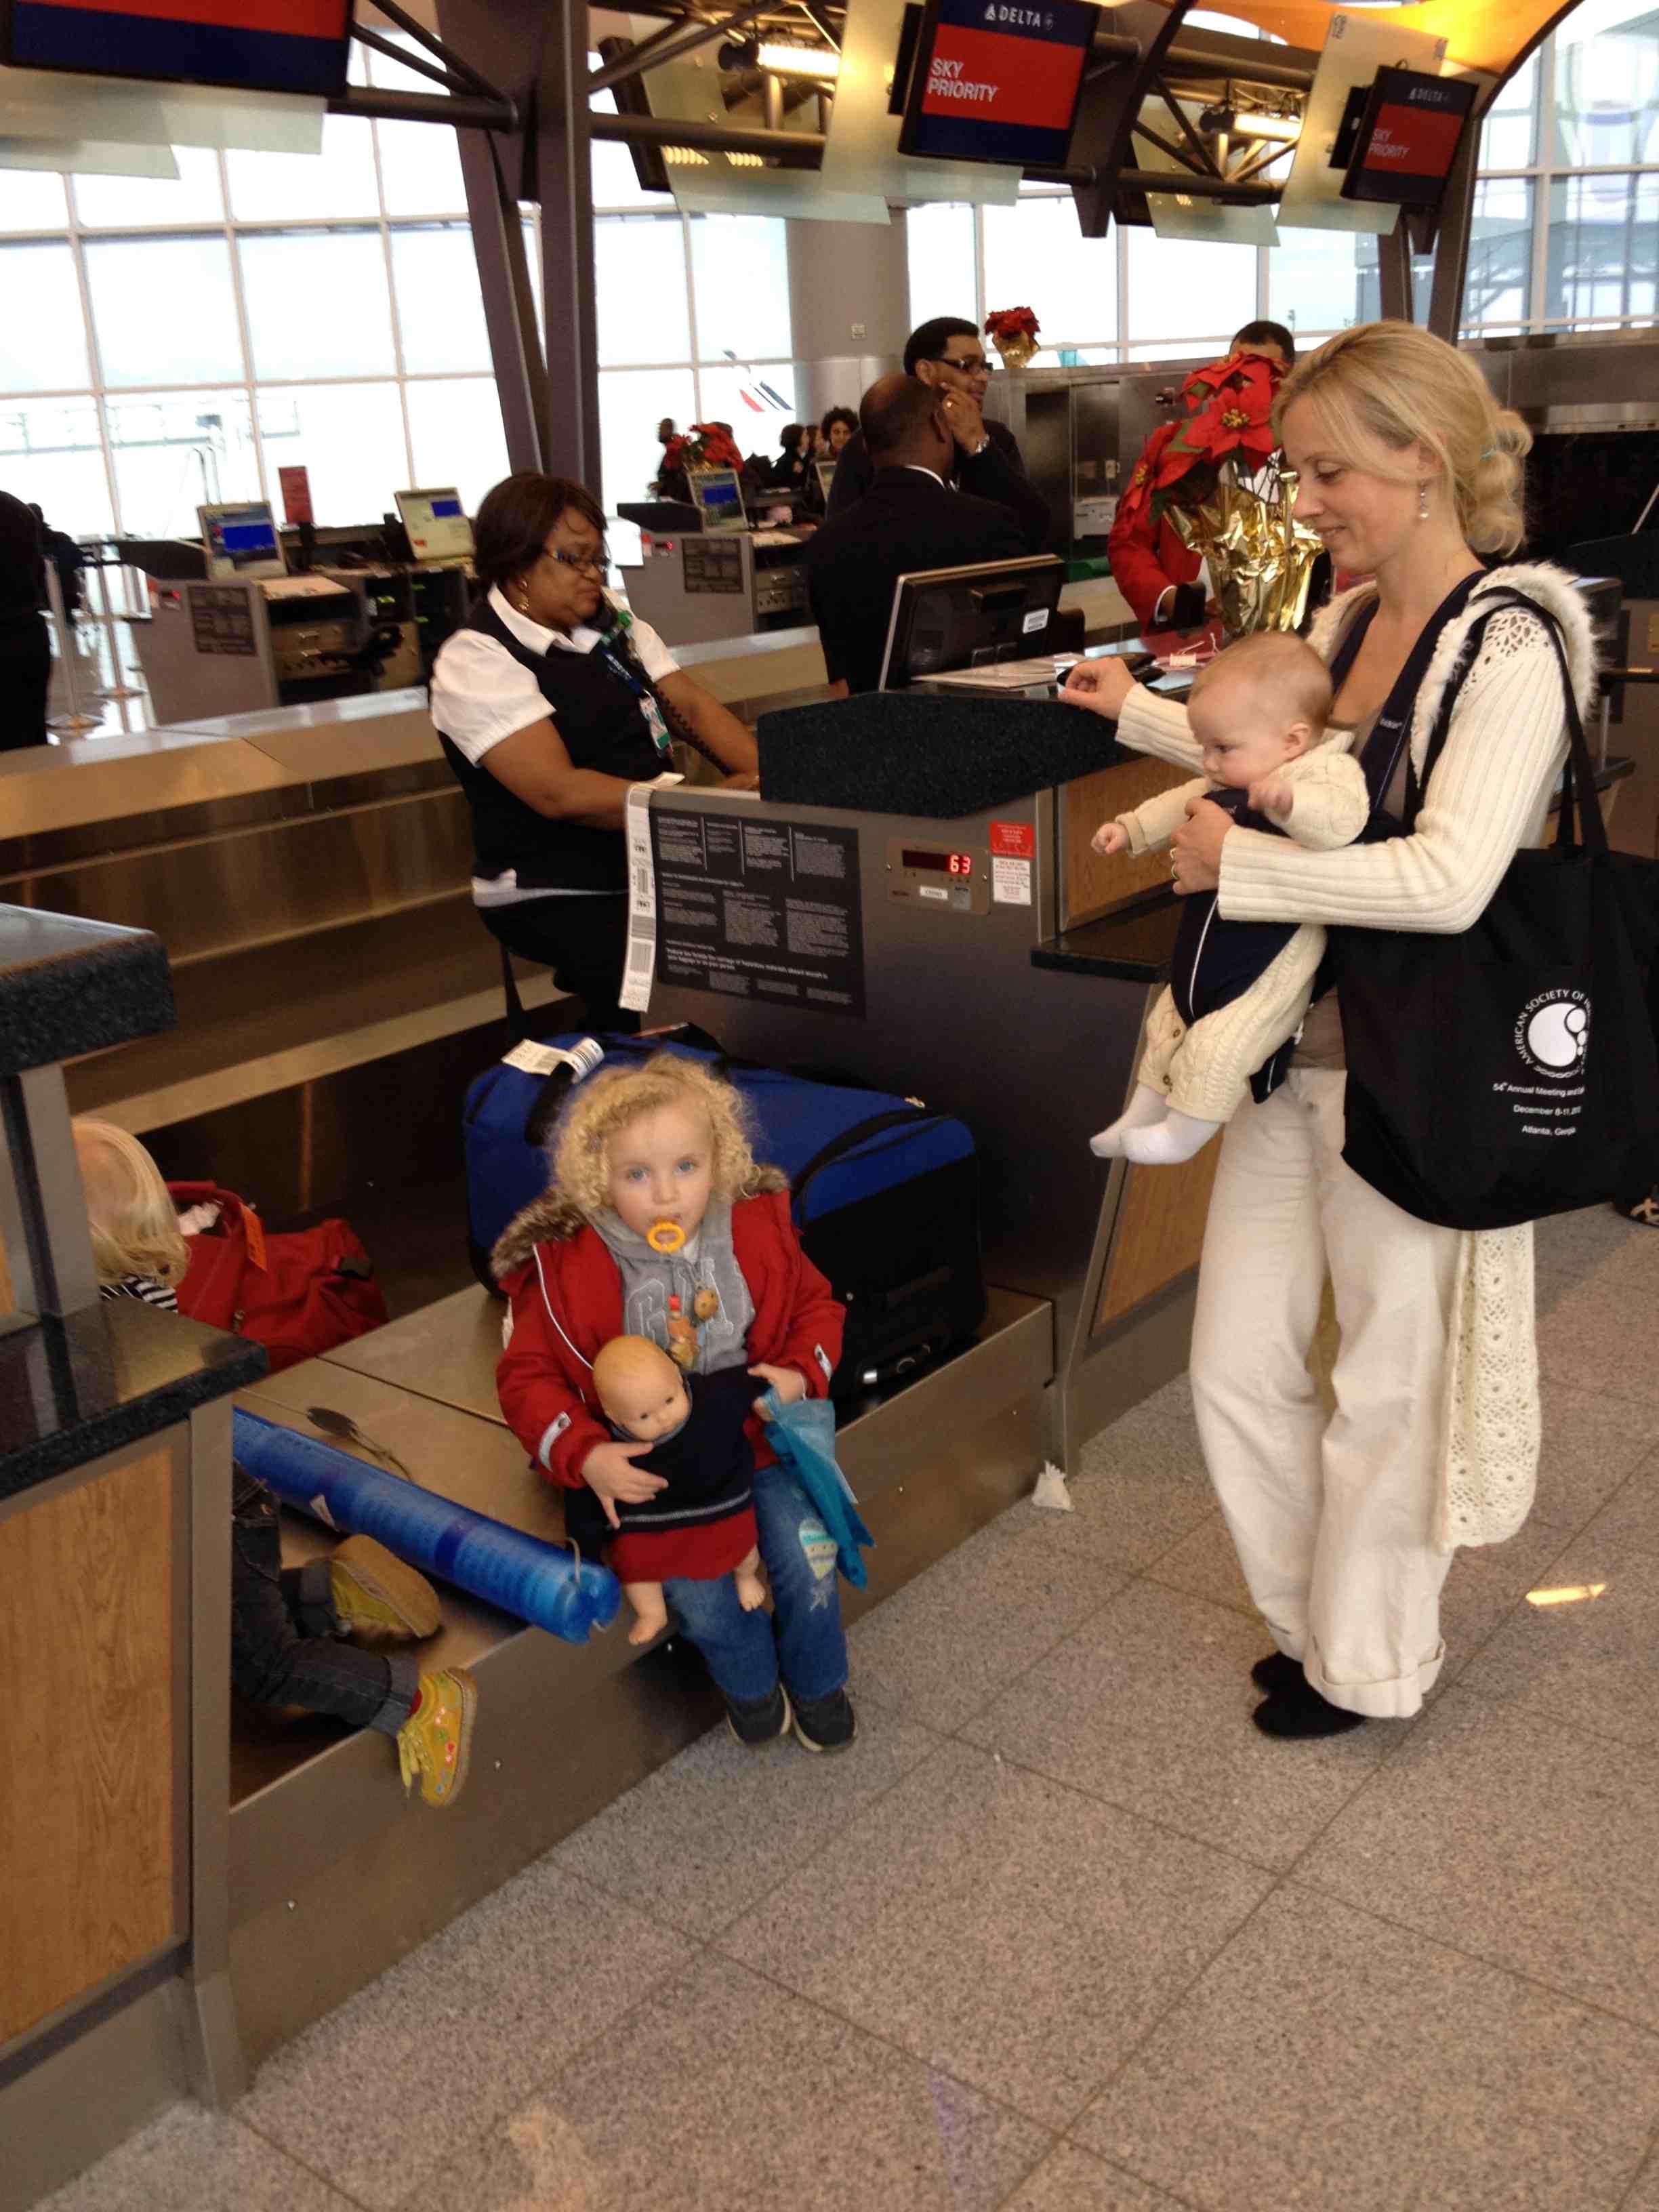 am_Flughafen